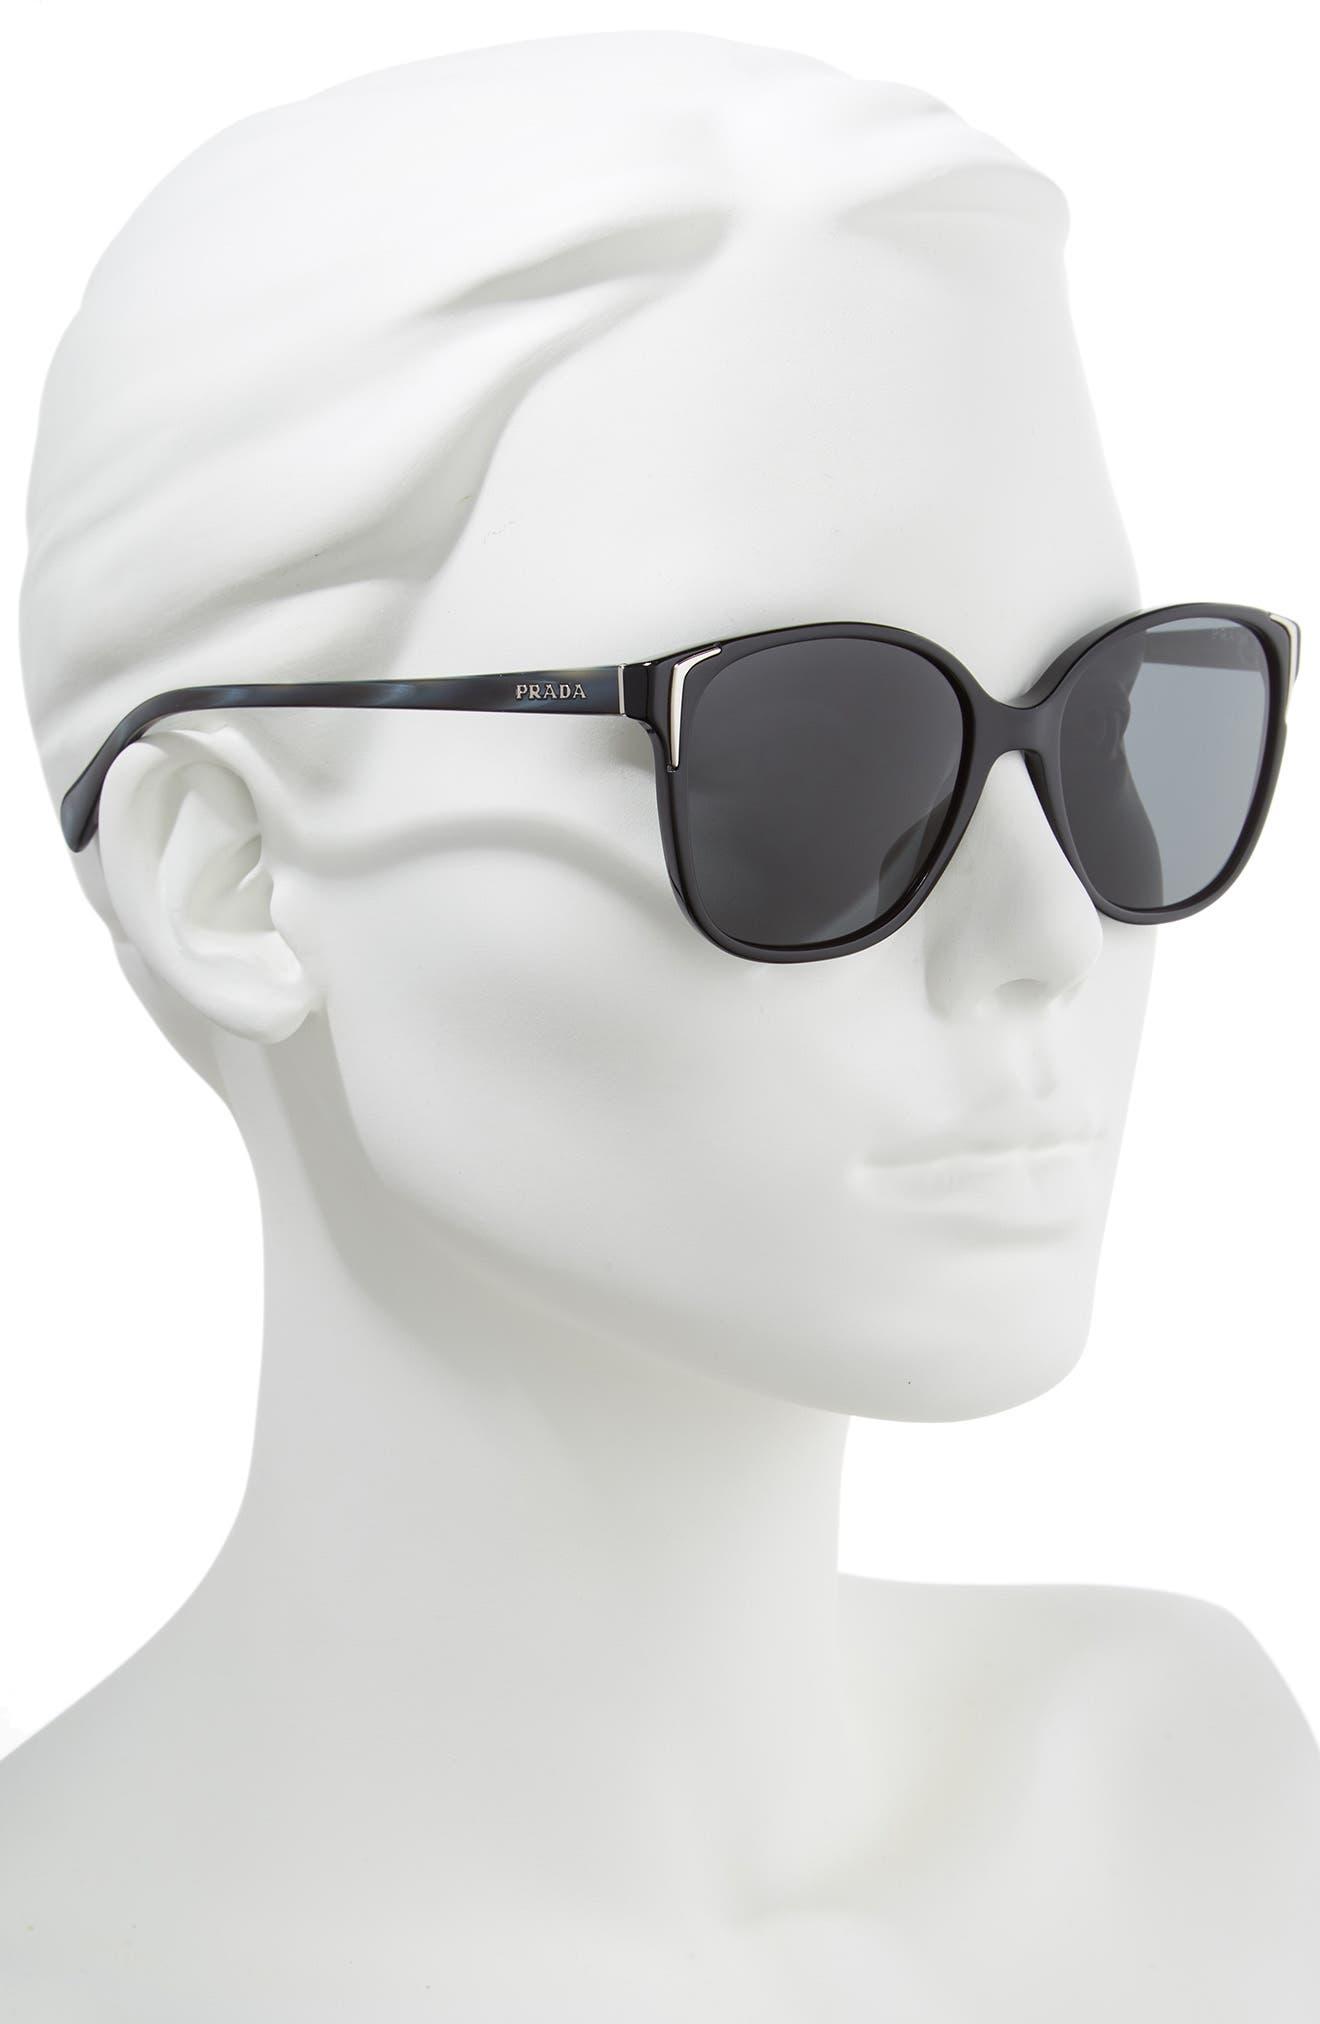 25c048a891c7 Prada Sunglasses for Women